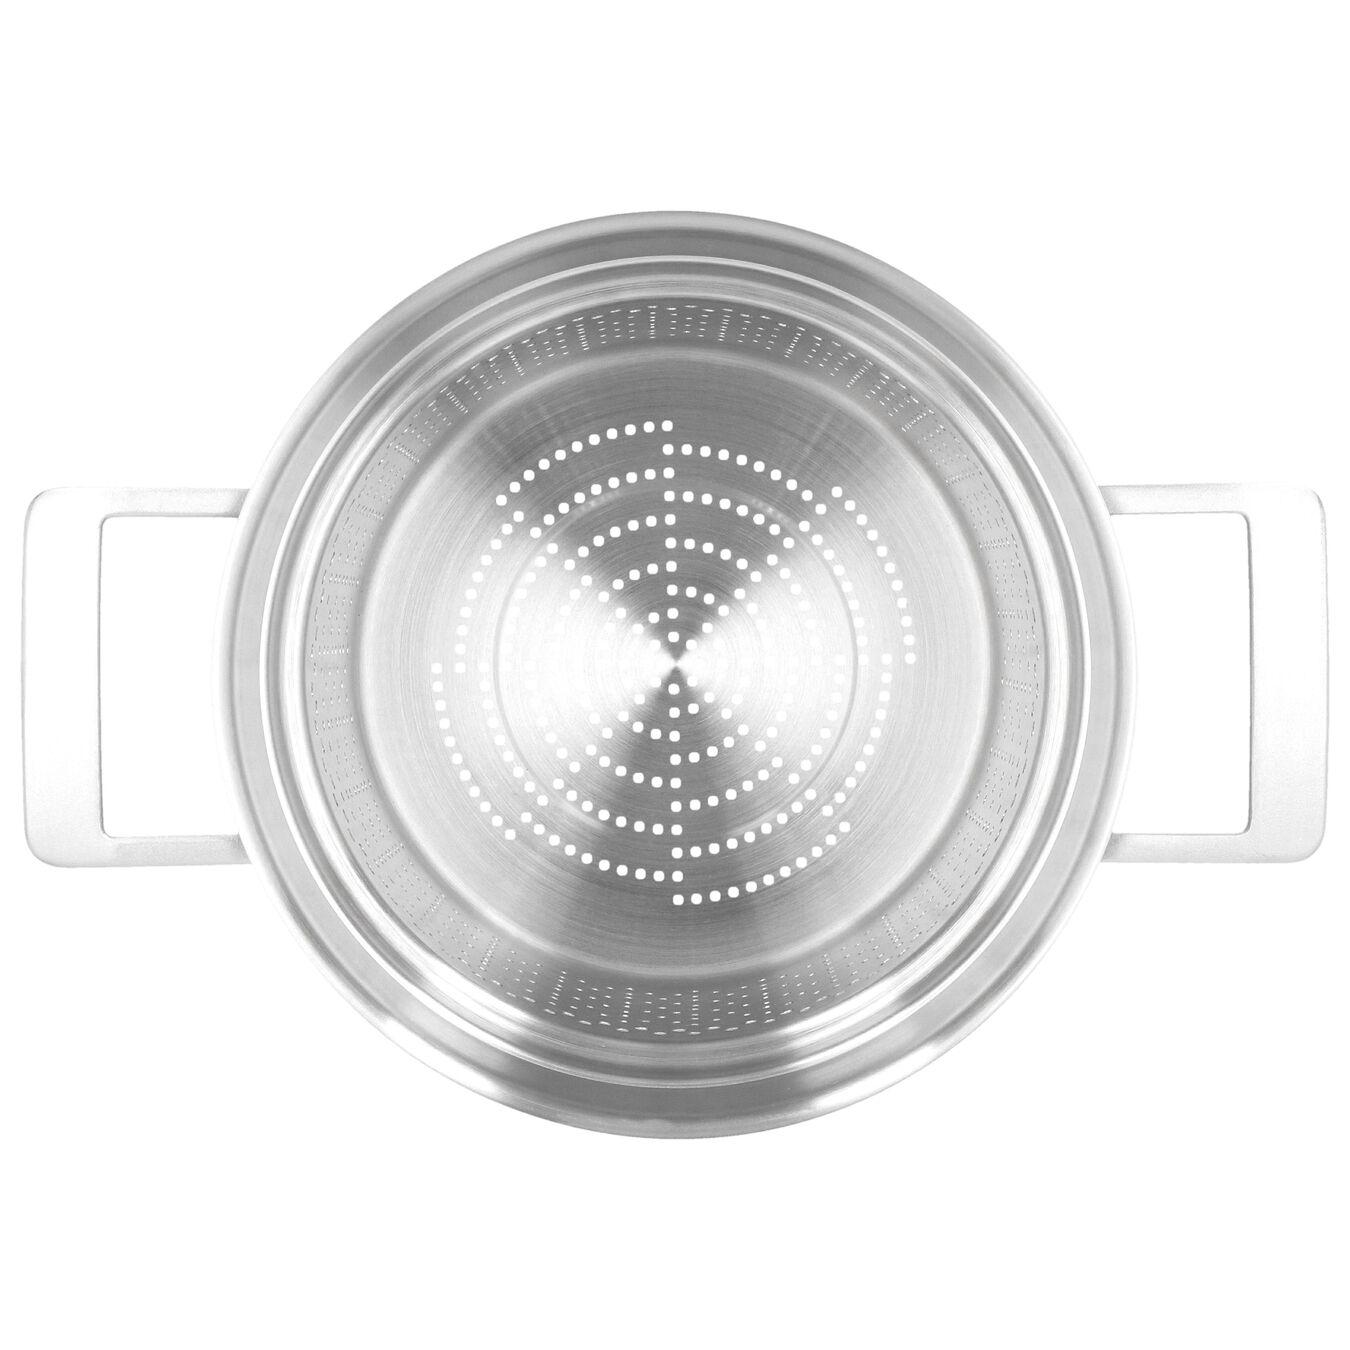 Nudeleinsatz, rund | 24 cm | Silber,,large 5